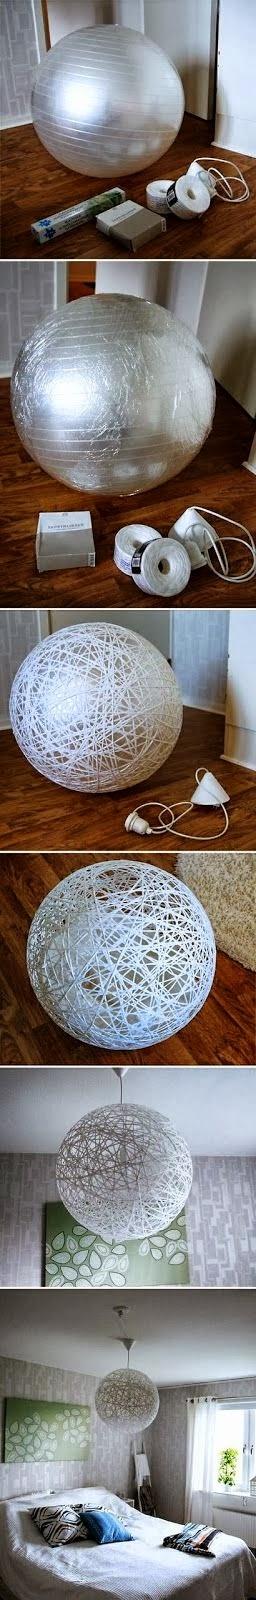 DIY String Ball Lampshade